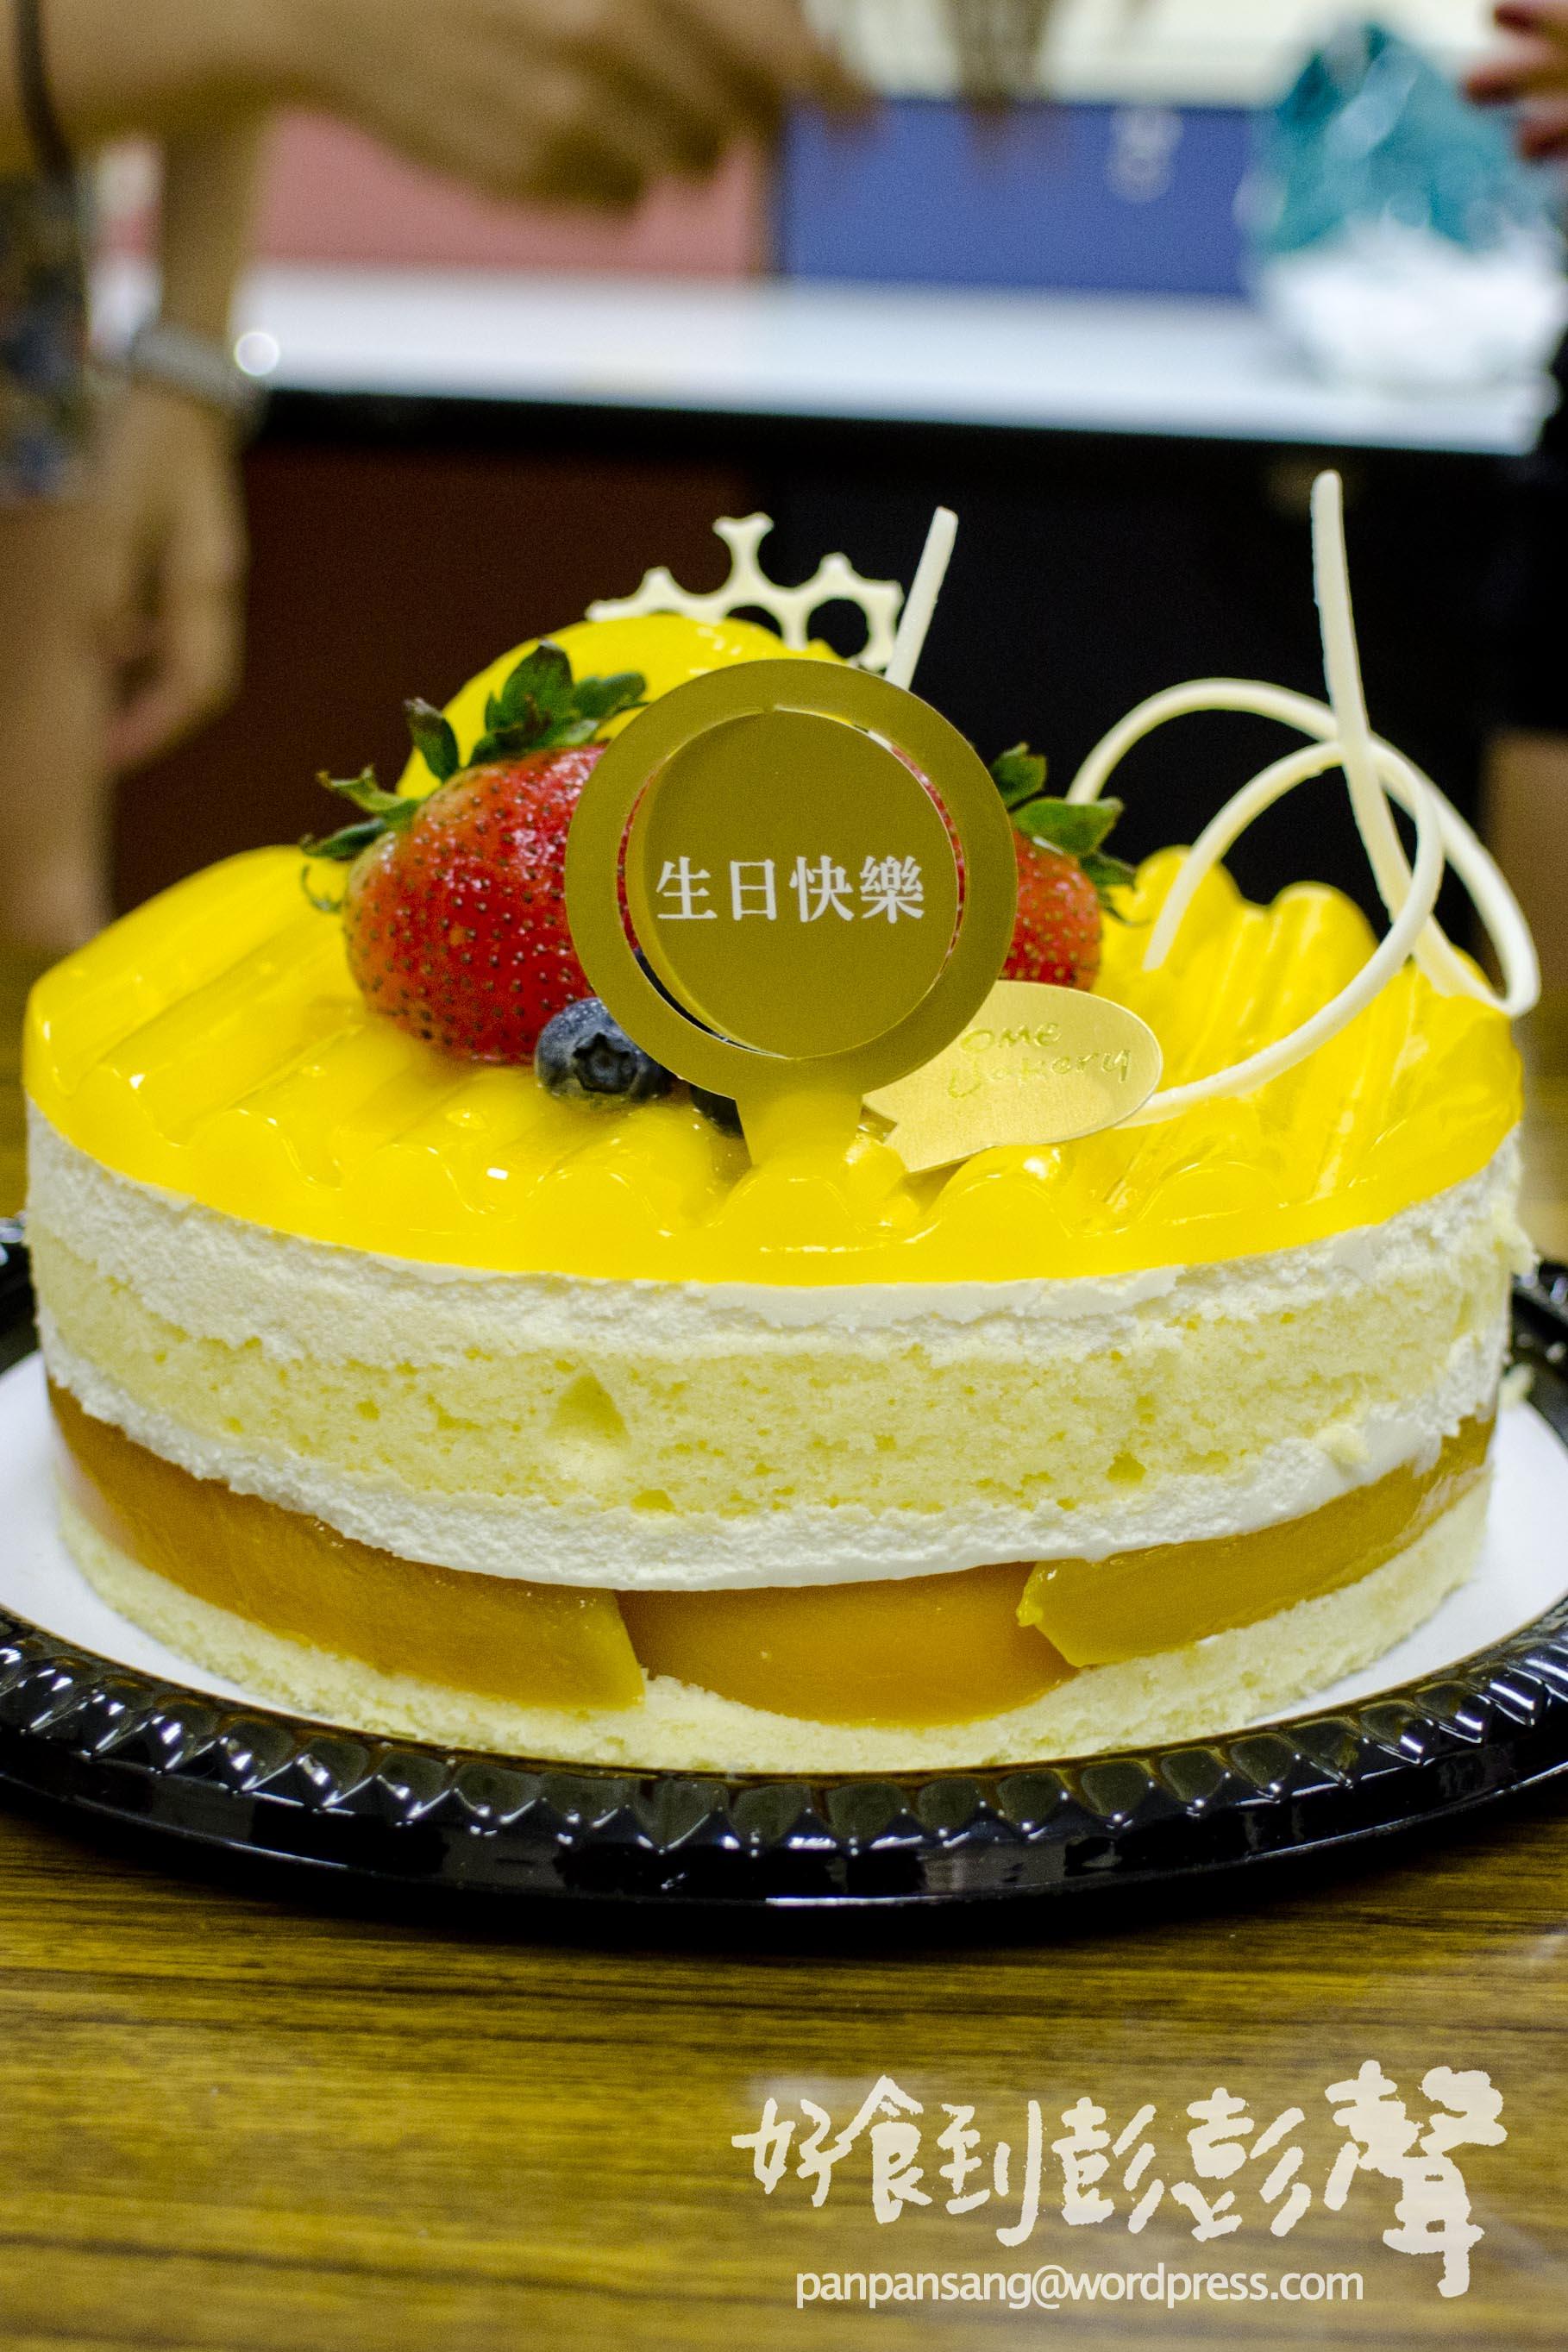 好食到彭彭聲: 慶生之意不在糕 - 東海堂